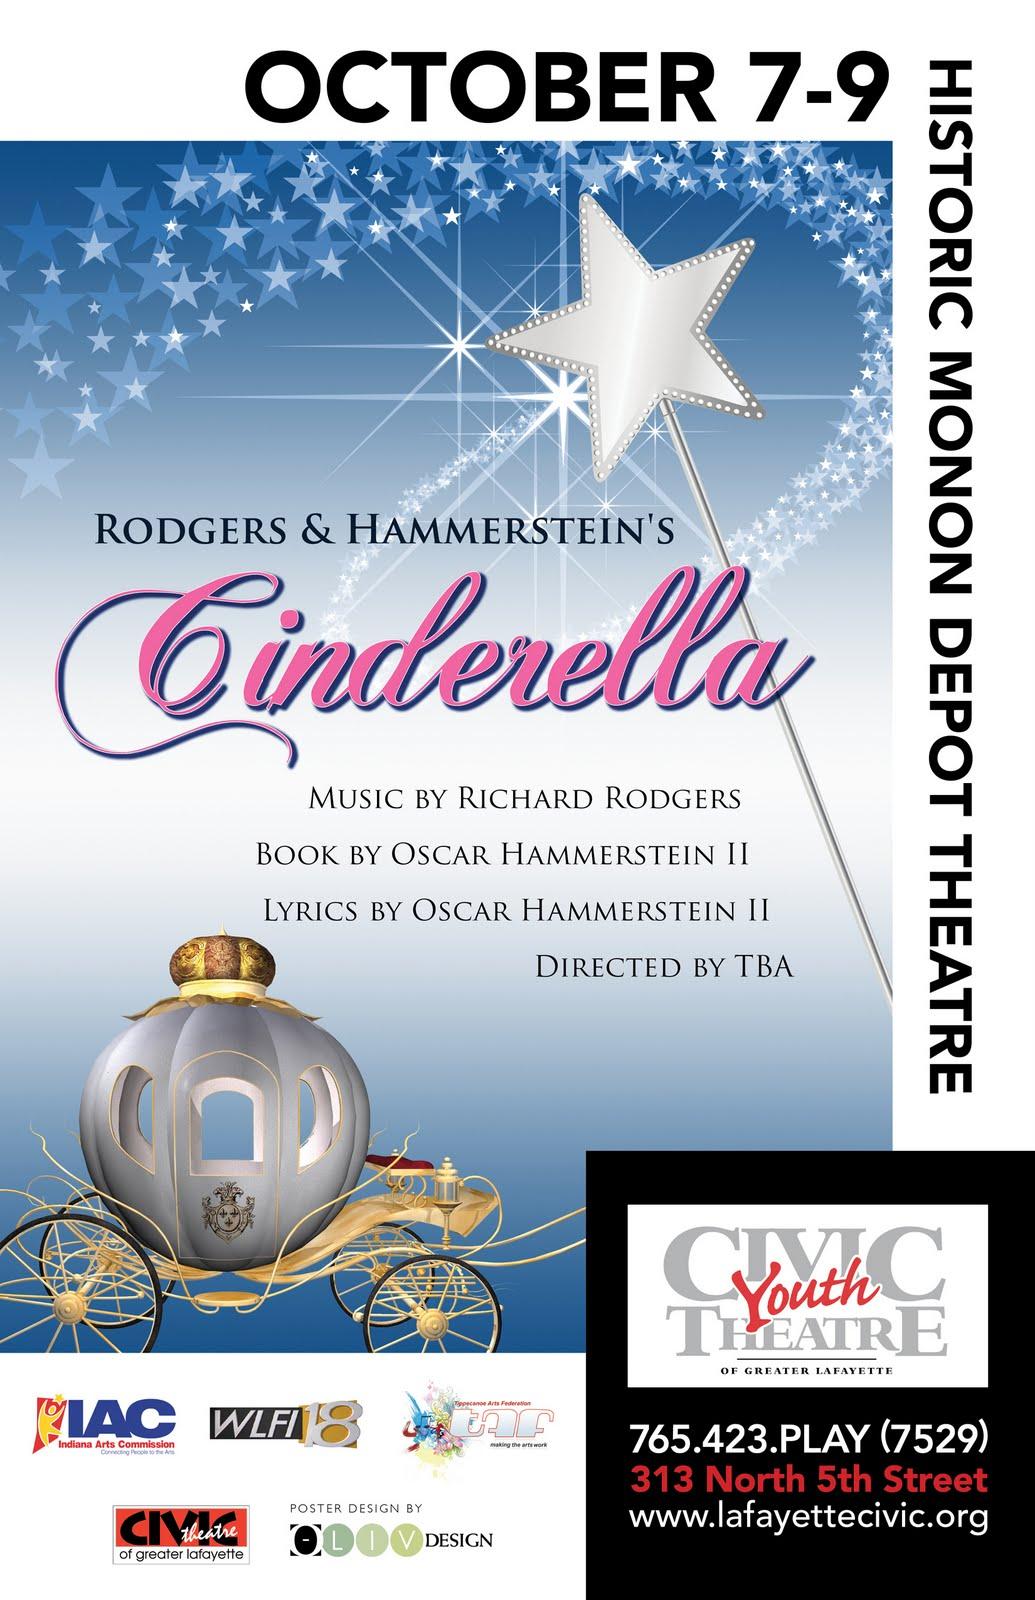 http://2.bp.blogspot.com/-CfLBf1jbBSA/TnaSD8LaQdI/AAAAAAAADjU/ZVOKftTSPXg/s1600/Cinderella.jpg